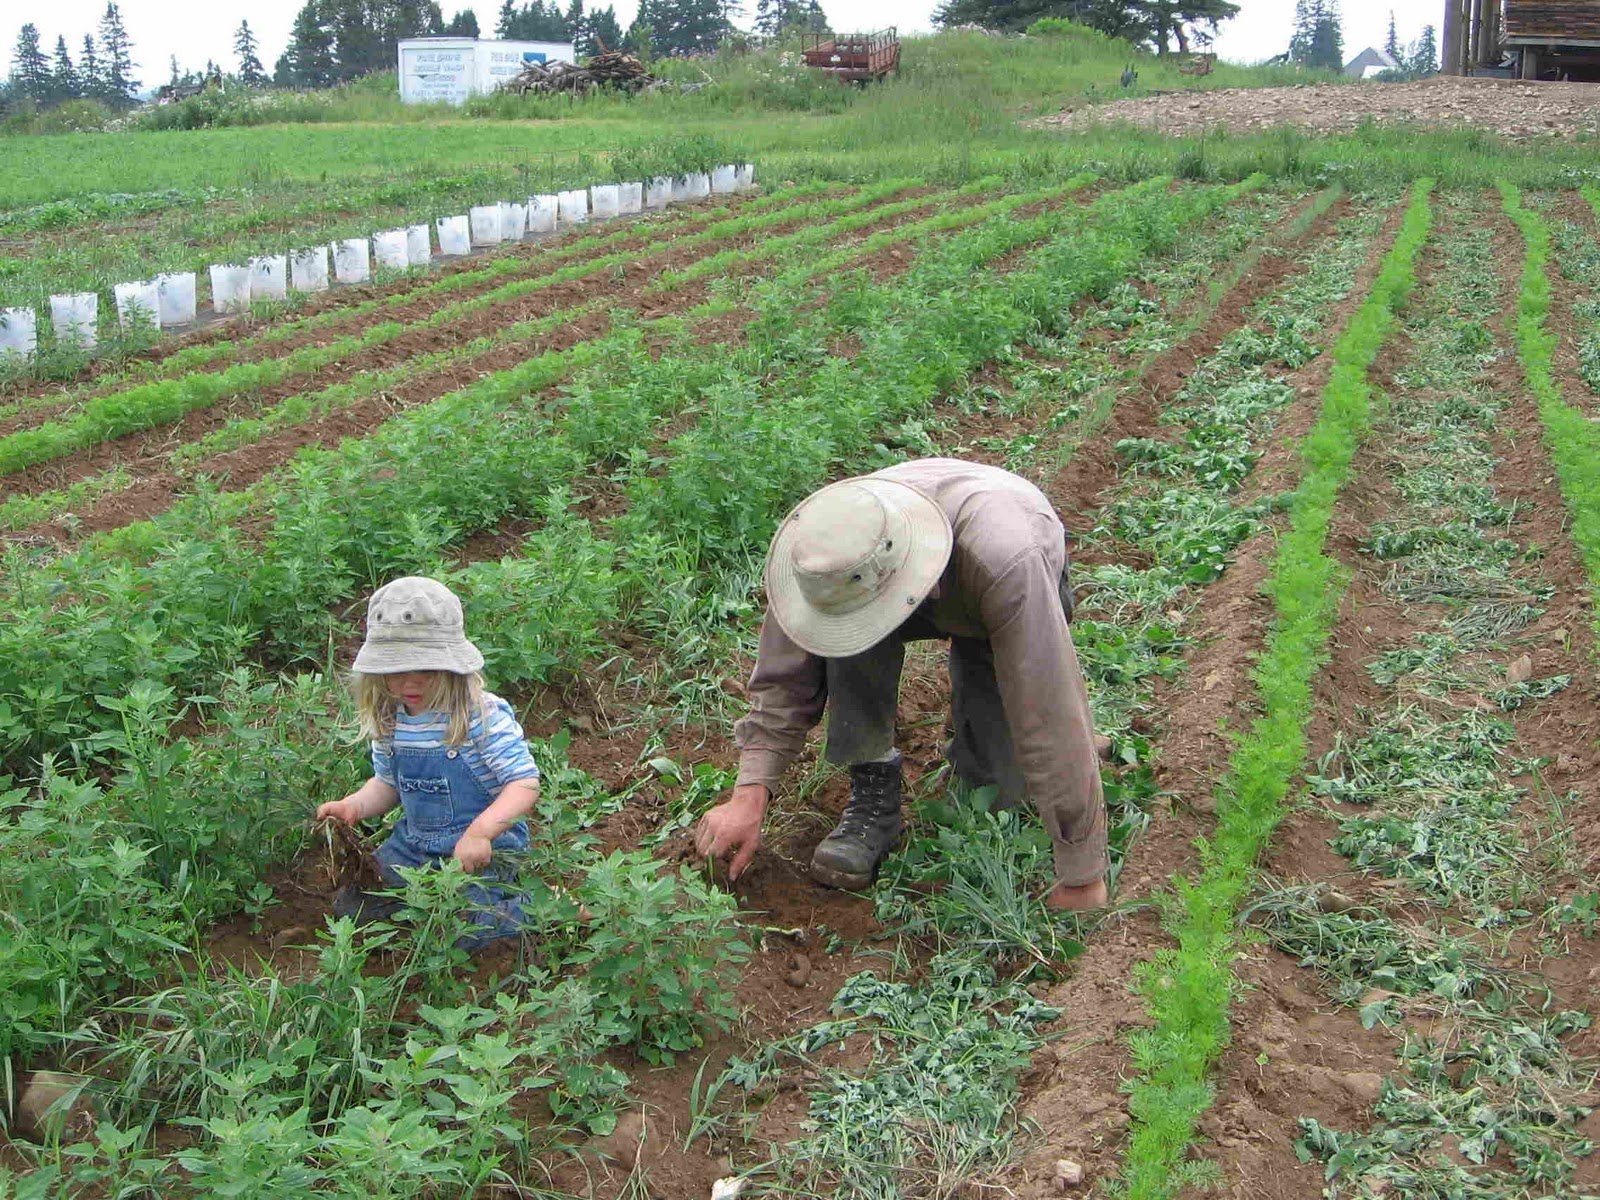 Выращивание моркови как бизнес: организация и план - бизнес идеи 63